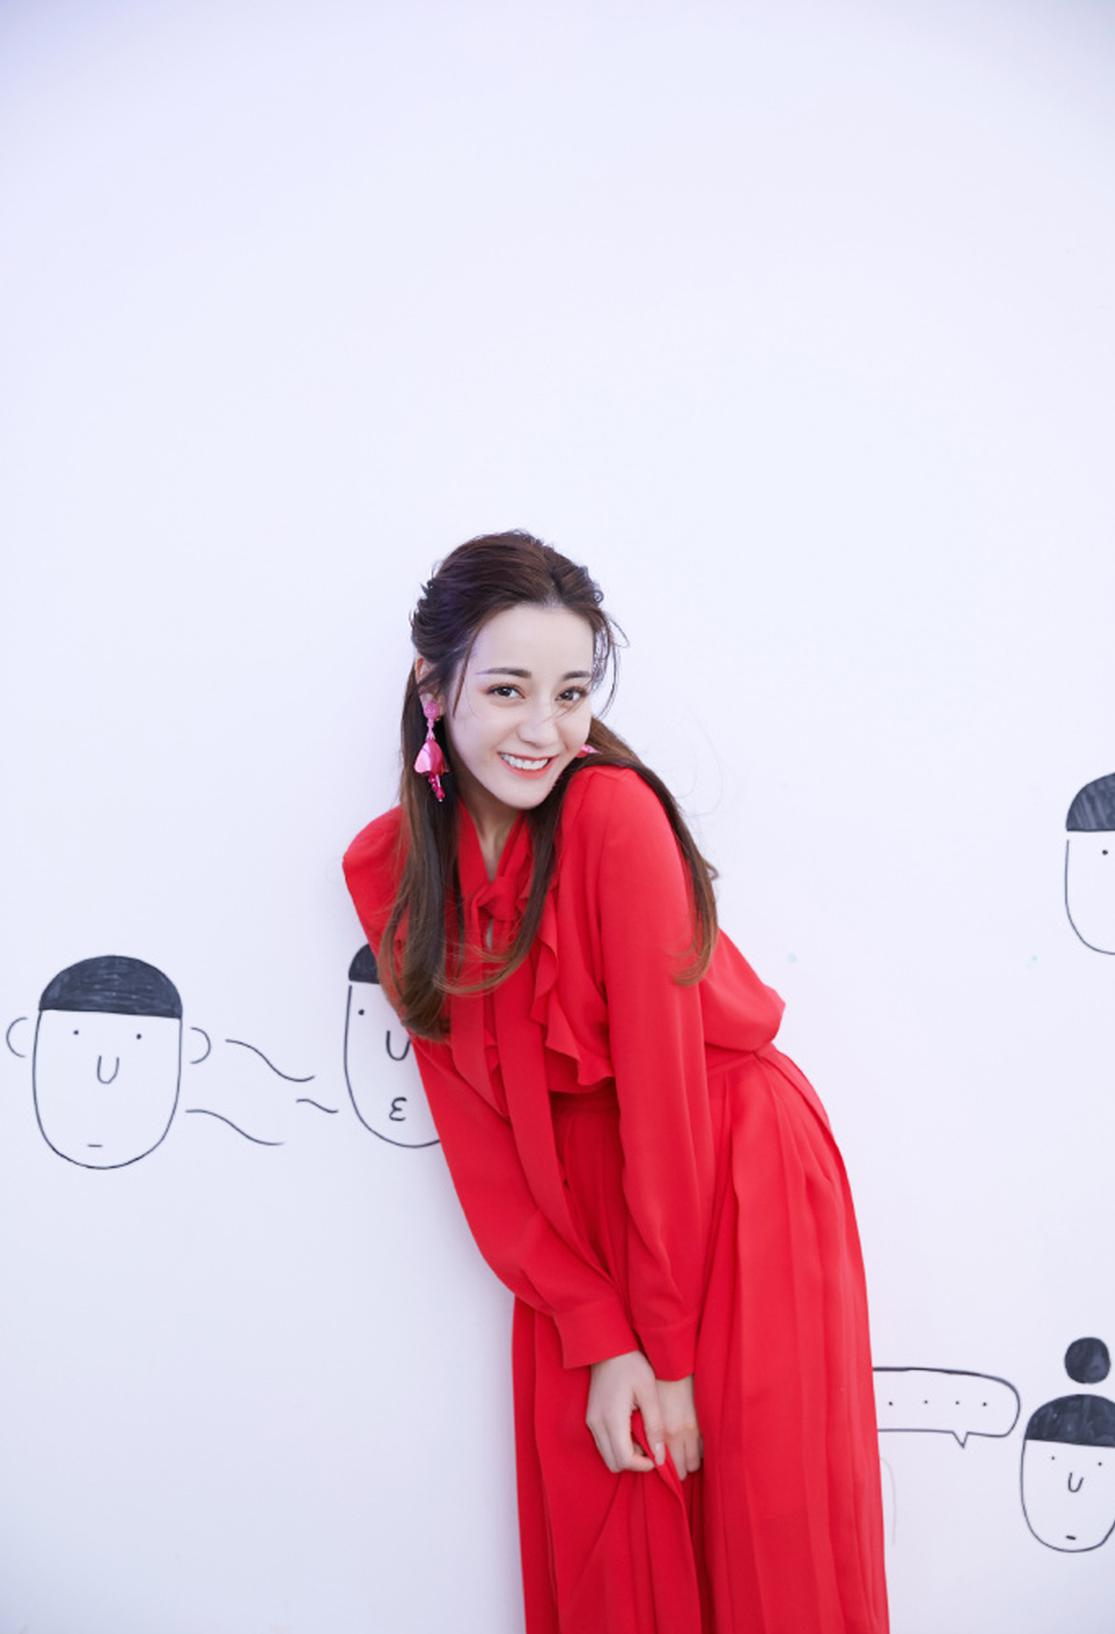 迪丽热巴一袭红裙美艳不失俏皮 搞怪摆拍活力满分